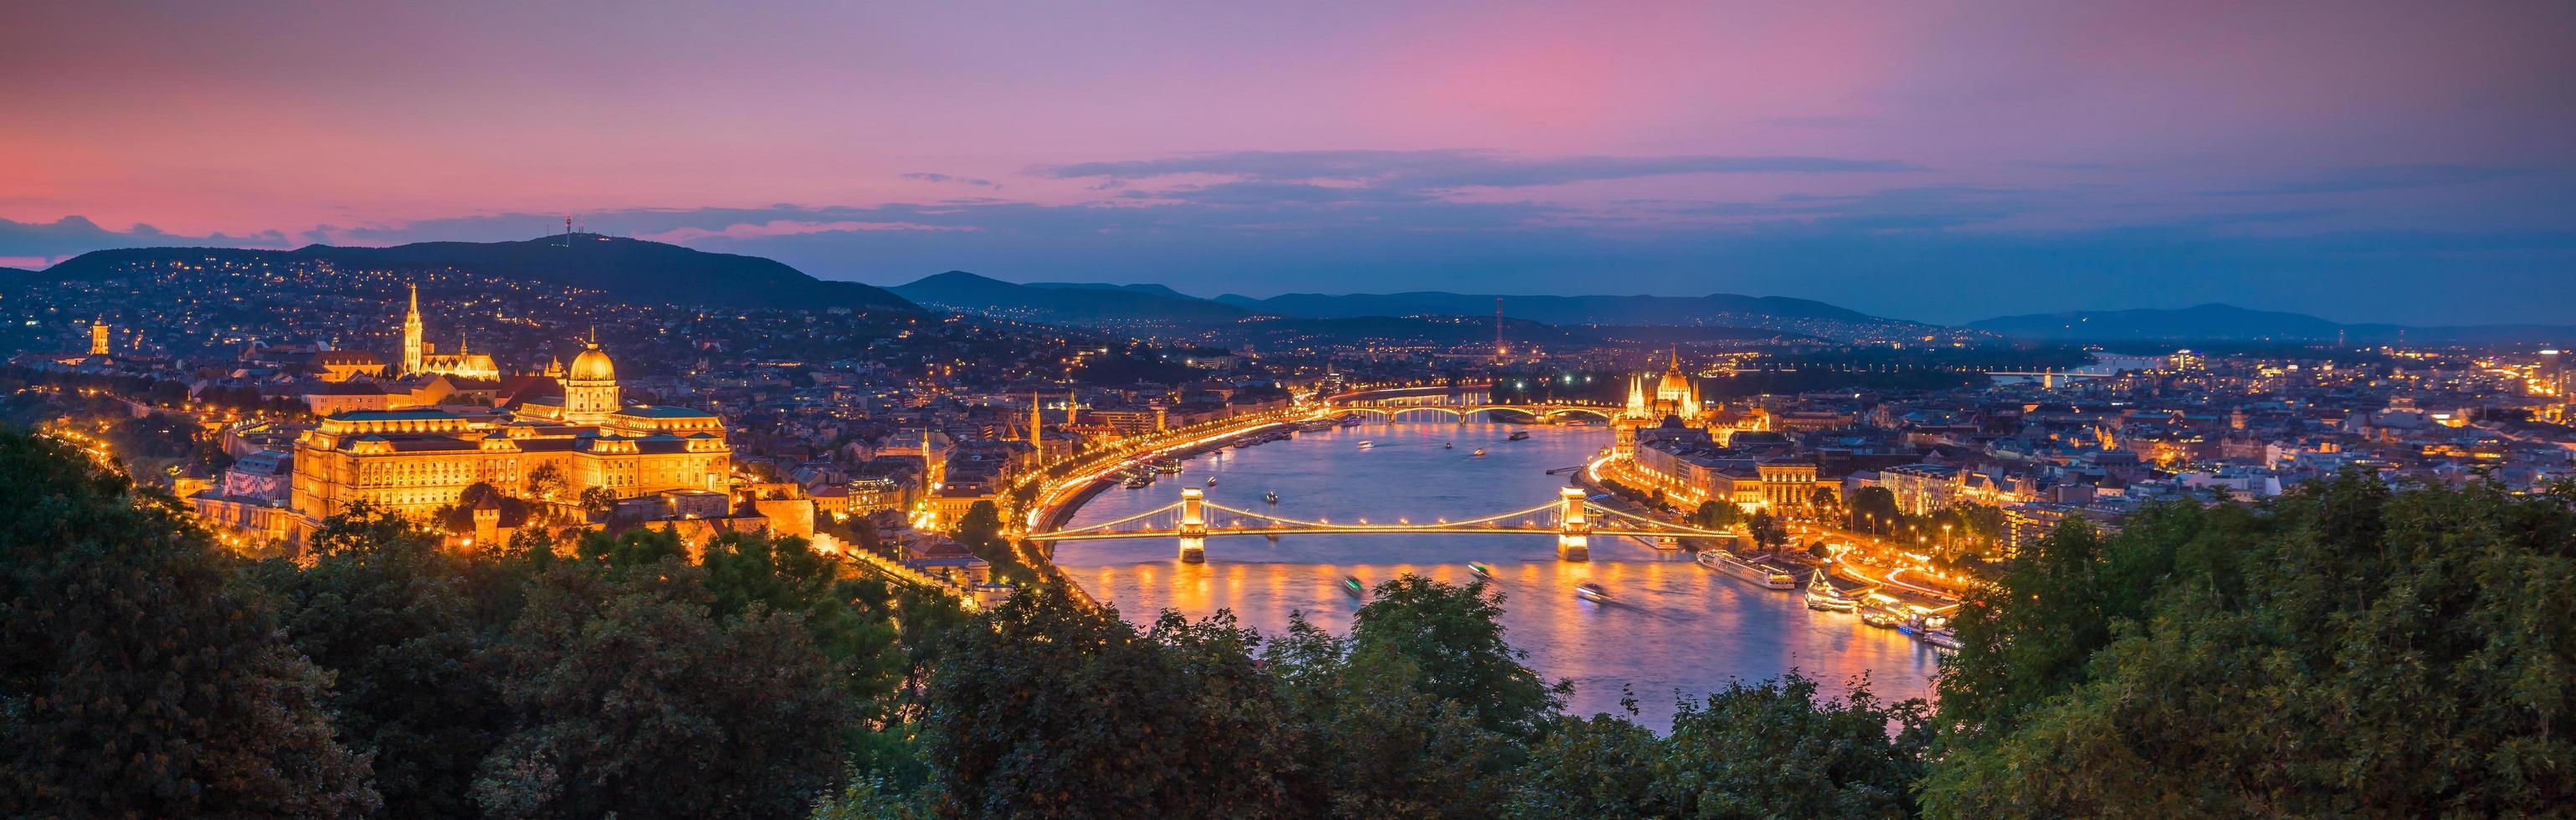 skyline van boedapest in hongarije bij schemering foto